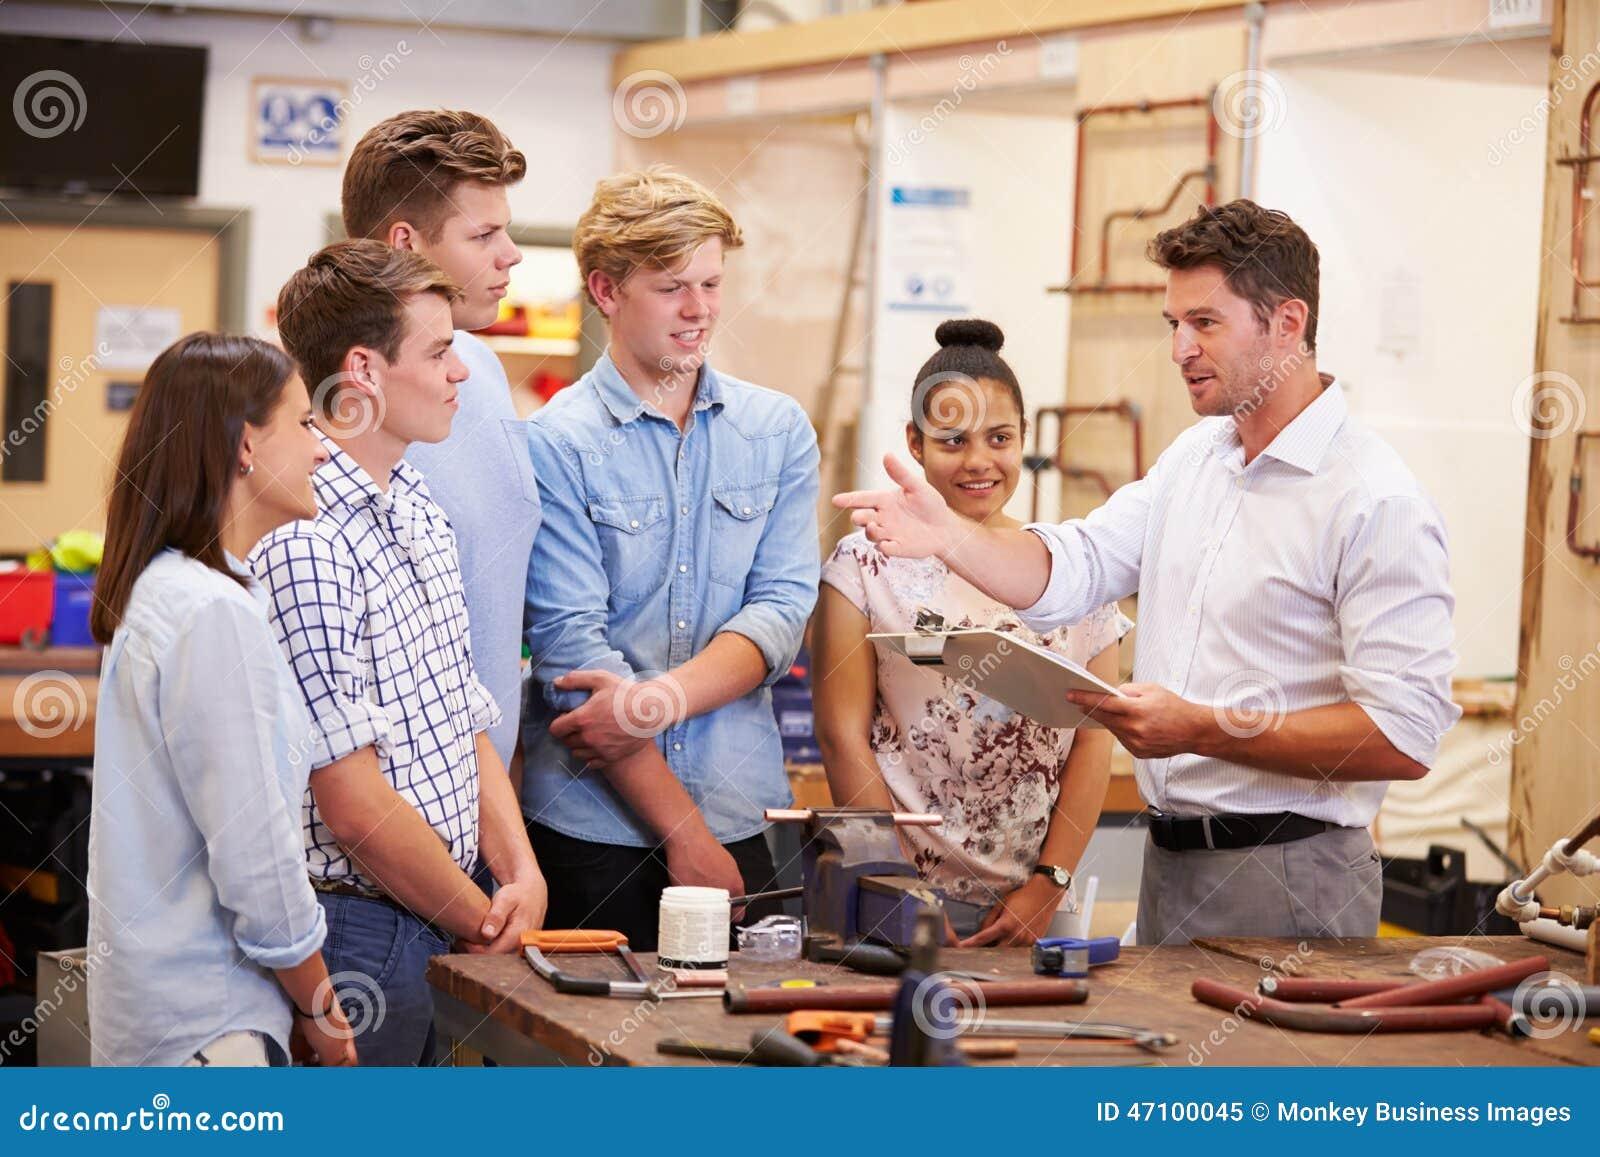 Lehrer Helping College Students, das Klempnerarbeit studiert